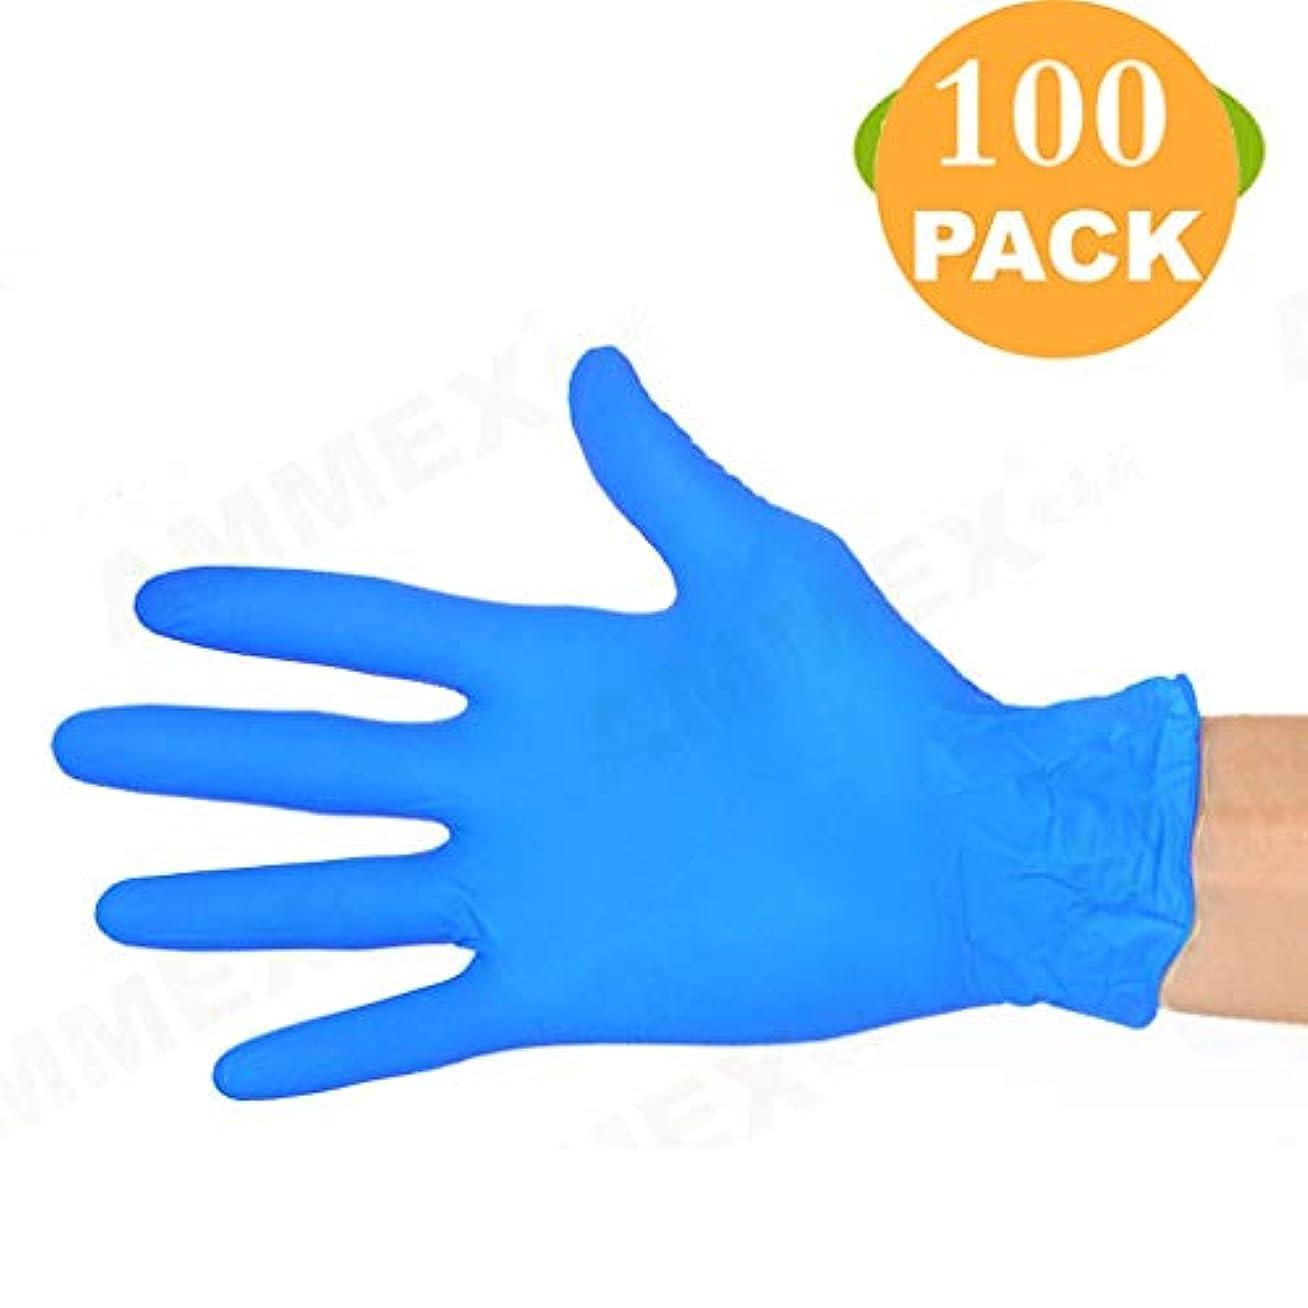 カートリッジ錫海上9インチニトリル手袋100のラテックスゴム手袋の家事洗濯プラスチックの薄いキッチンボックス (Size : M)